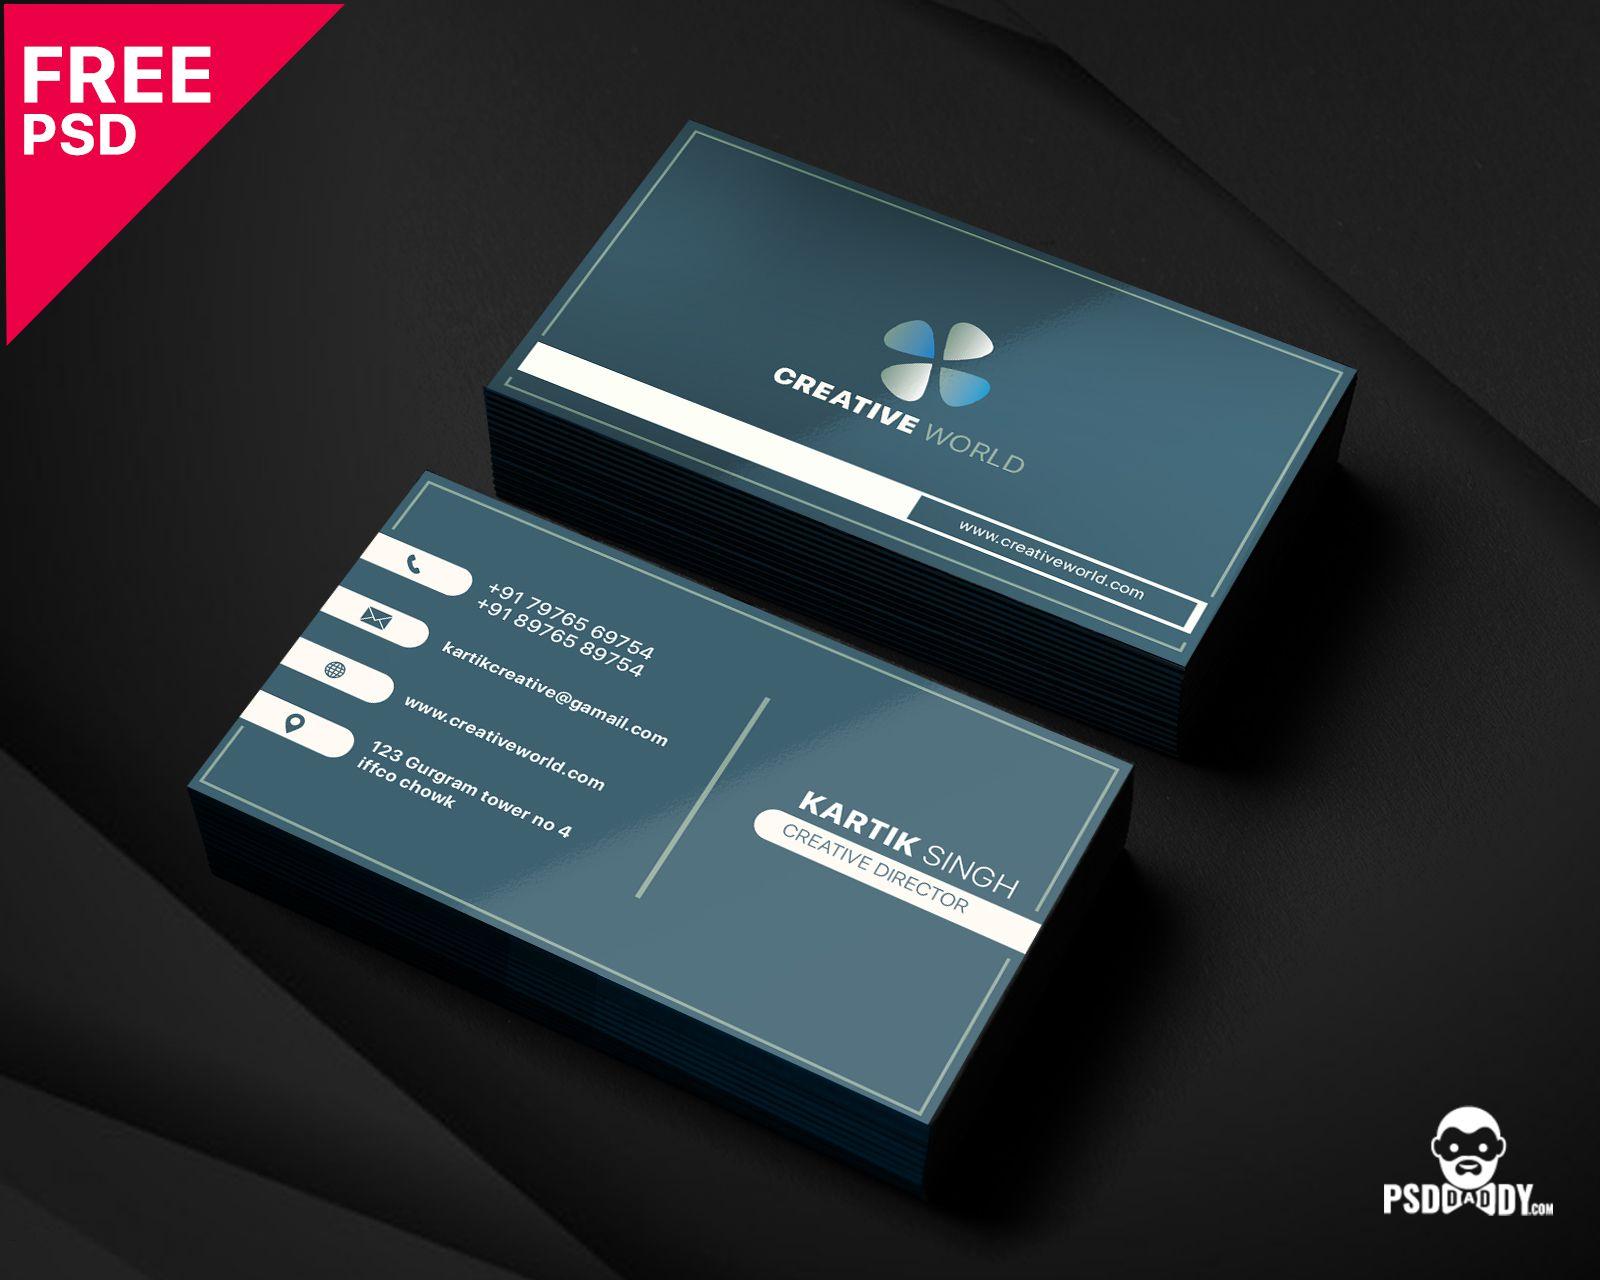 005 Unbelievable Simple Busines Card Template Psd Idea  Design In Photoshop Minimalist FreeFull